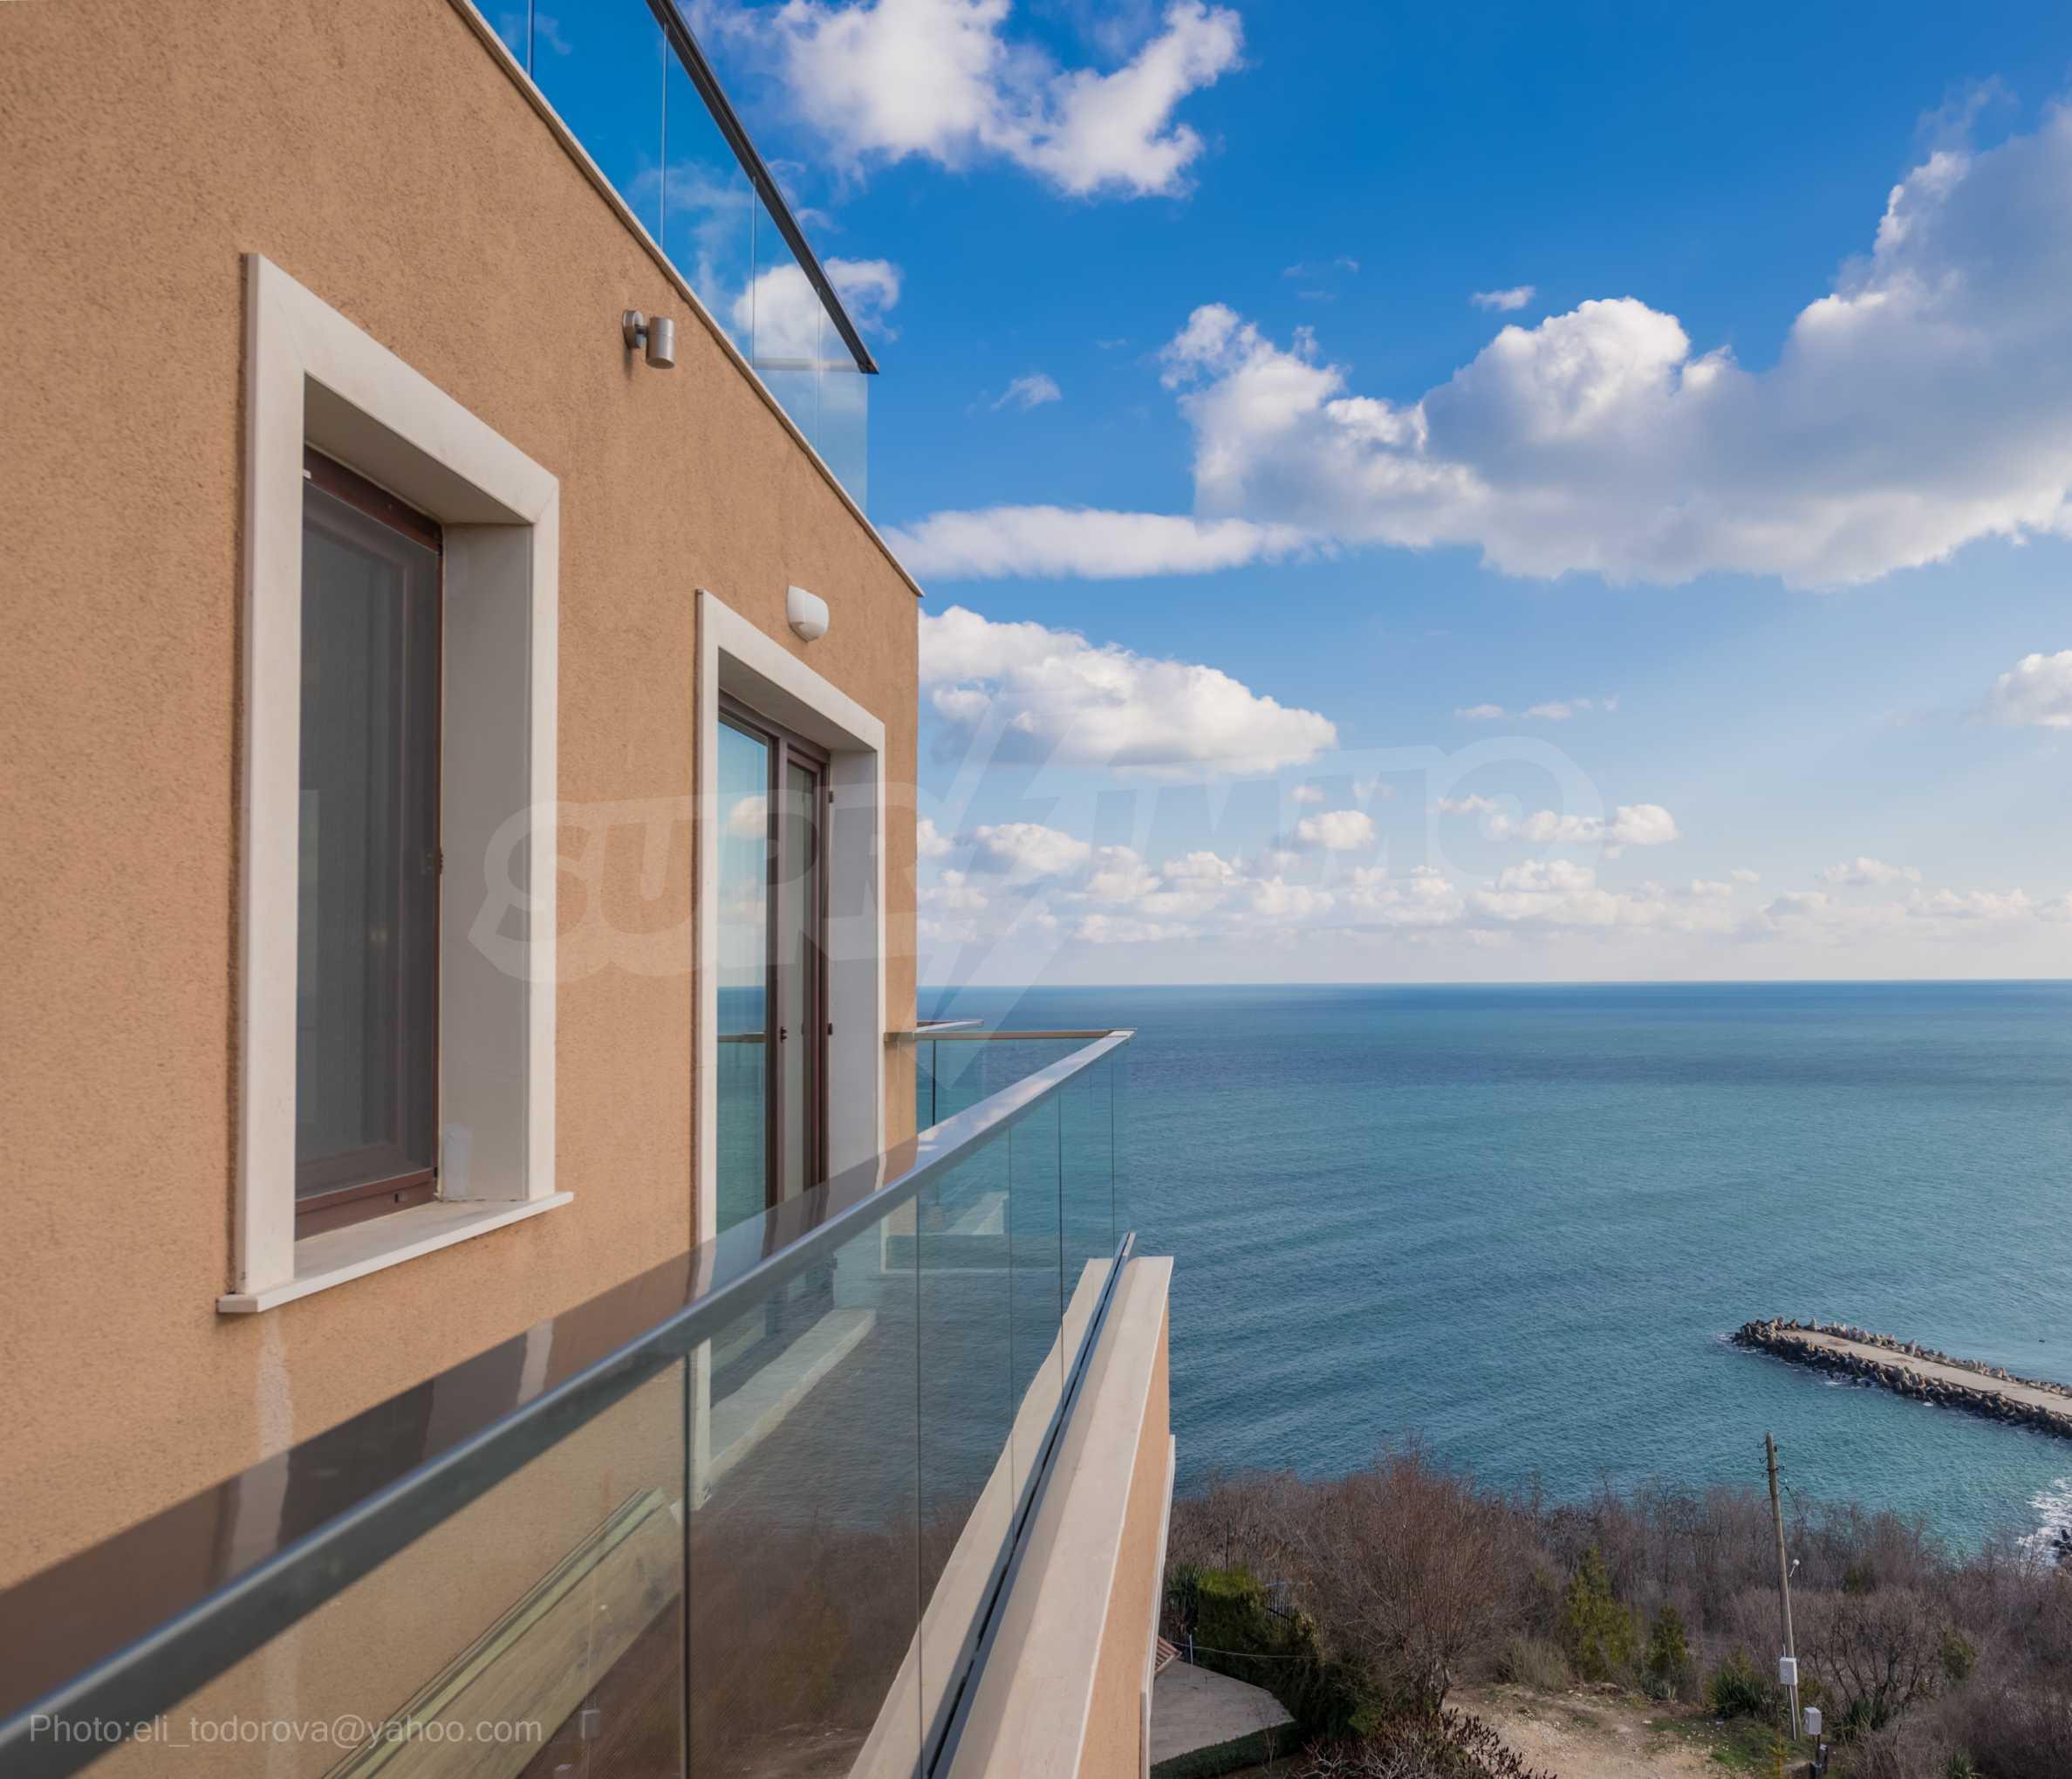 Апартамент Елеганс Вю - тристаен имот с уникална гледка към морето 20